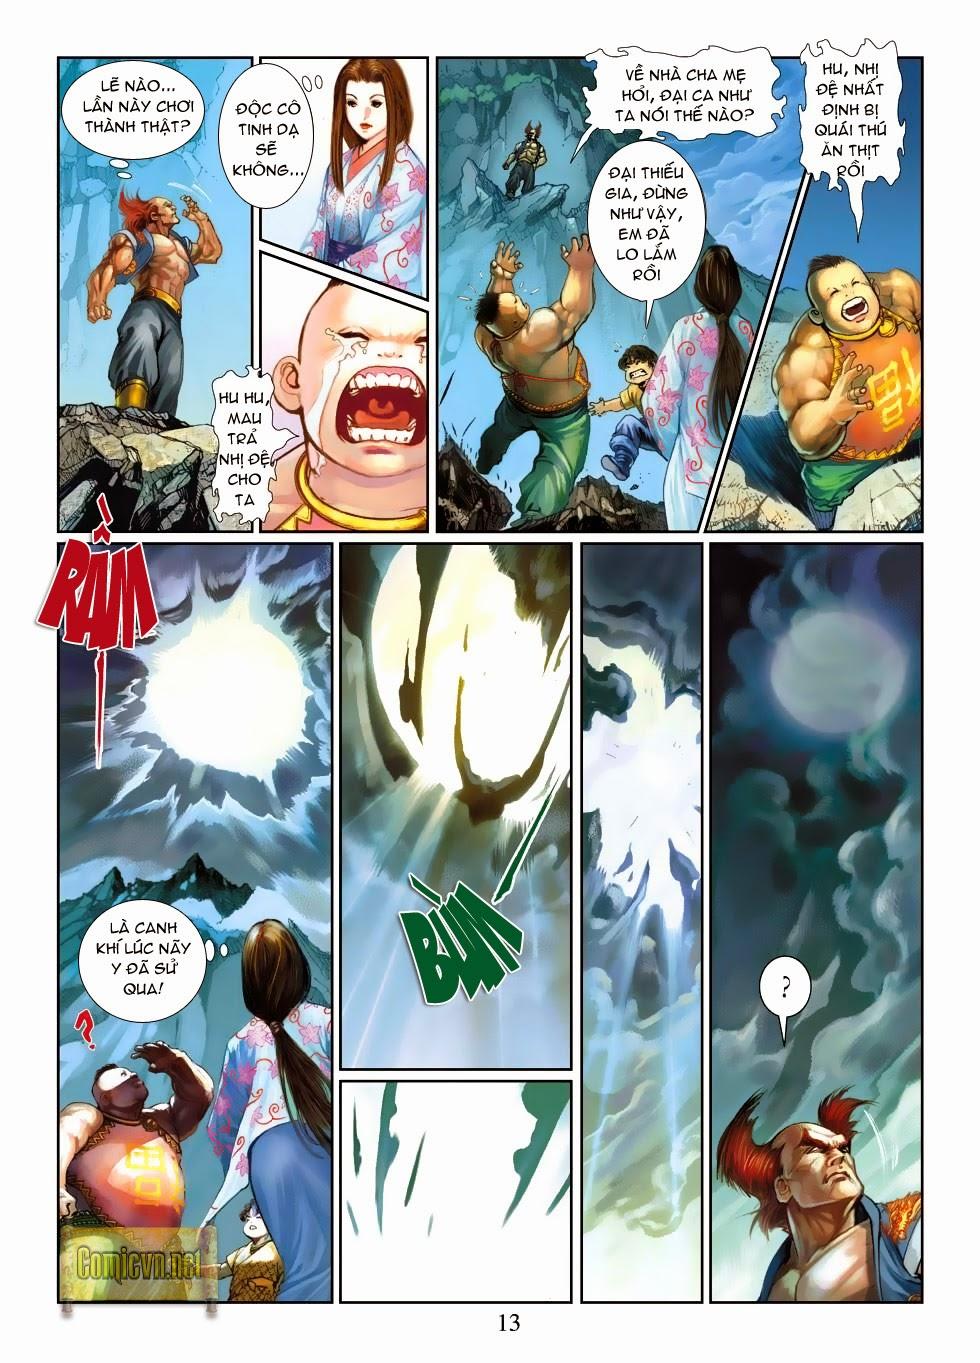 Thần Binh Tiền Truyện 4 - Huyền Thiên Tà Đế chap 3 - Trang 13